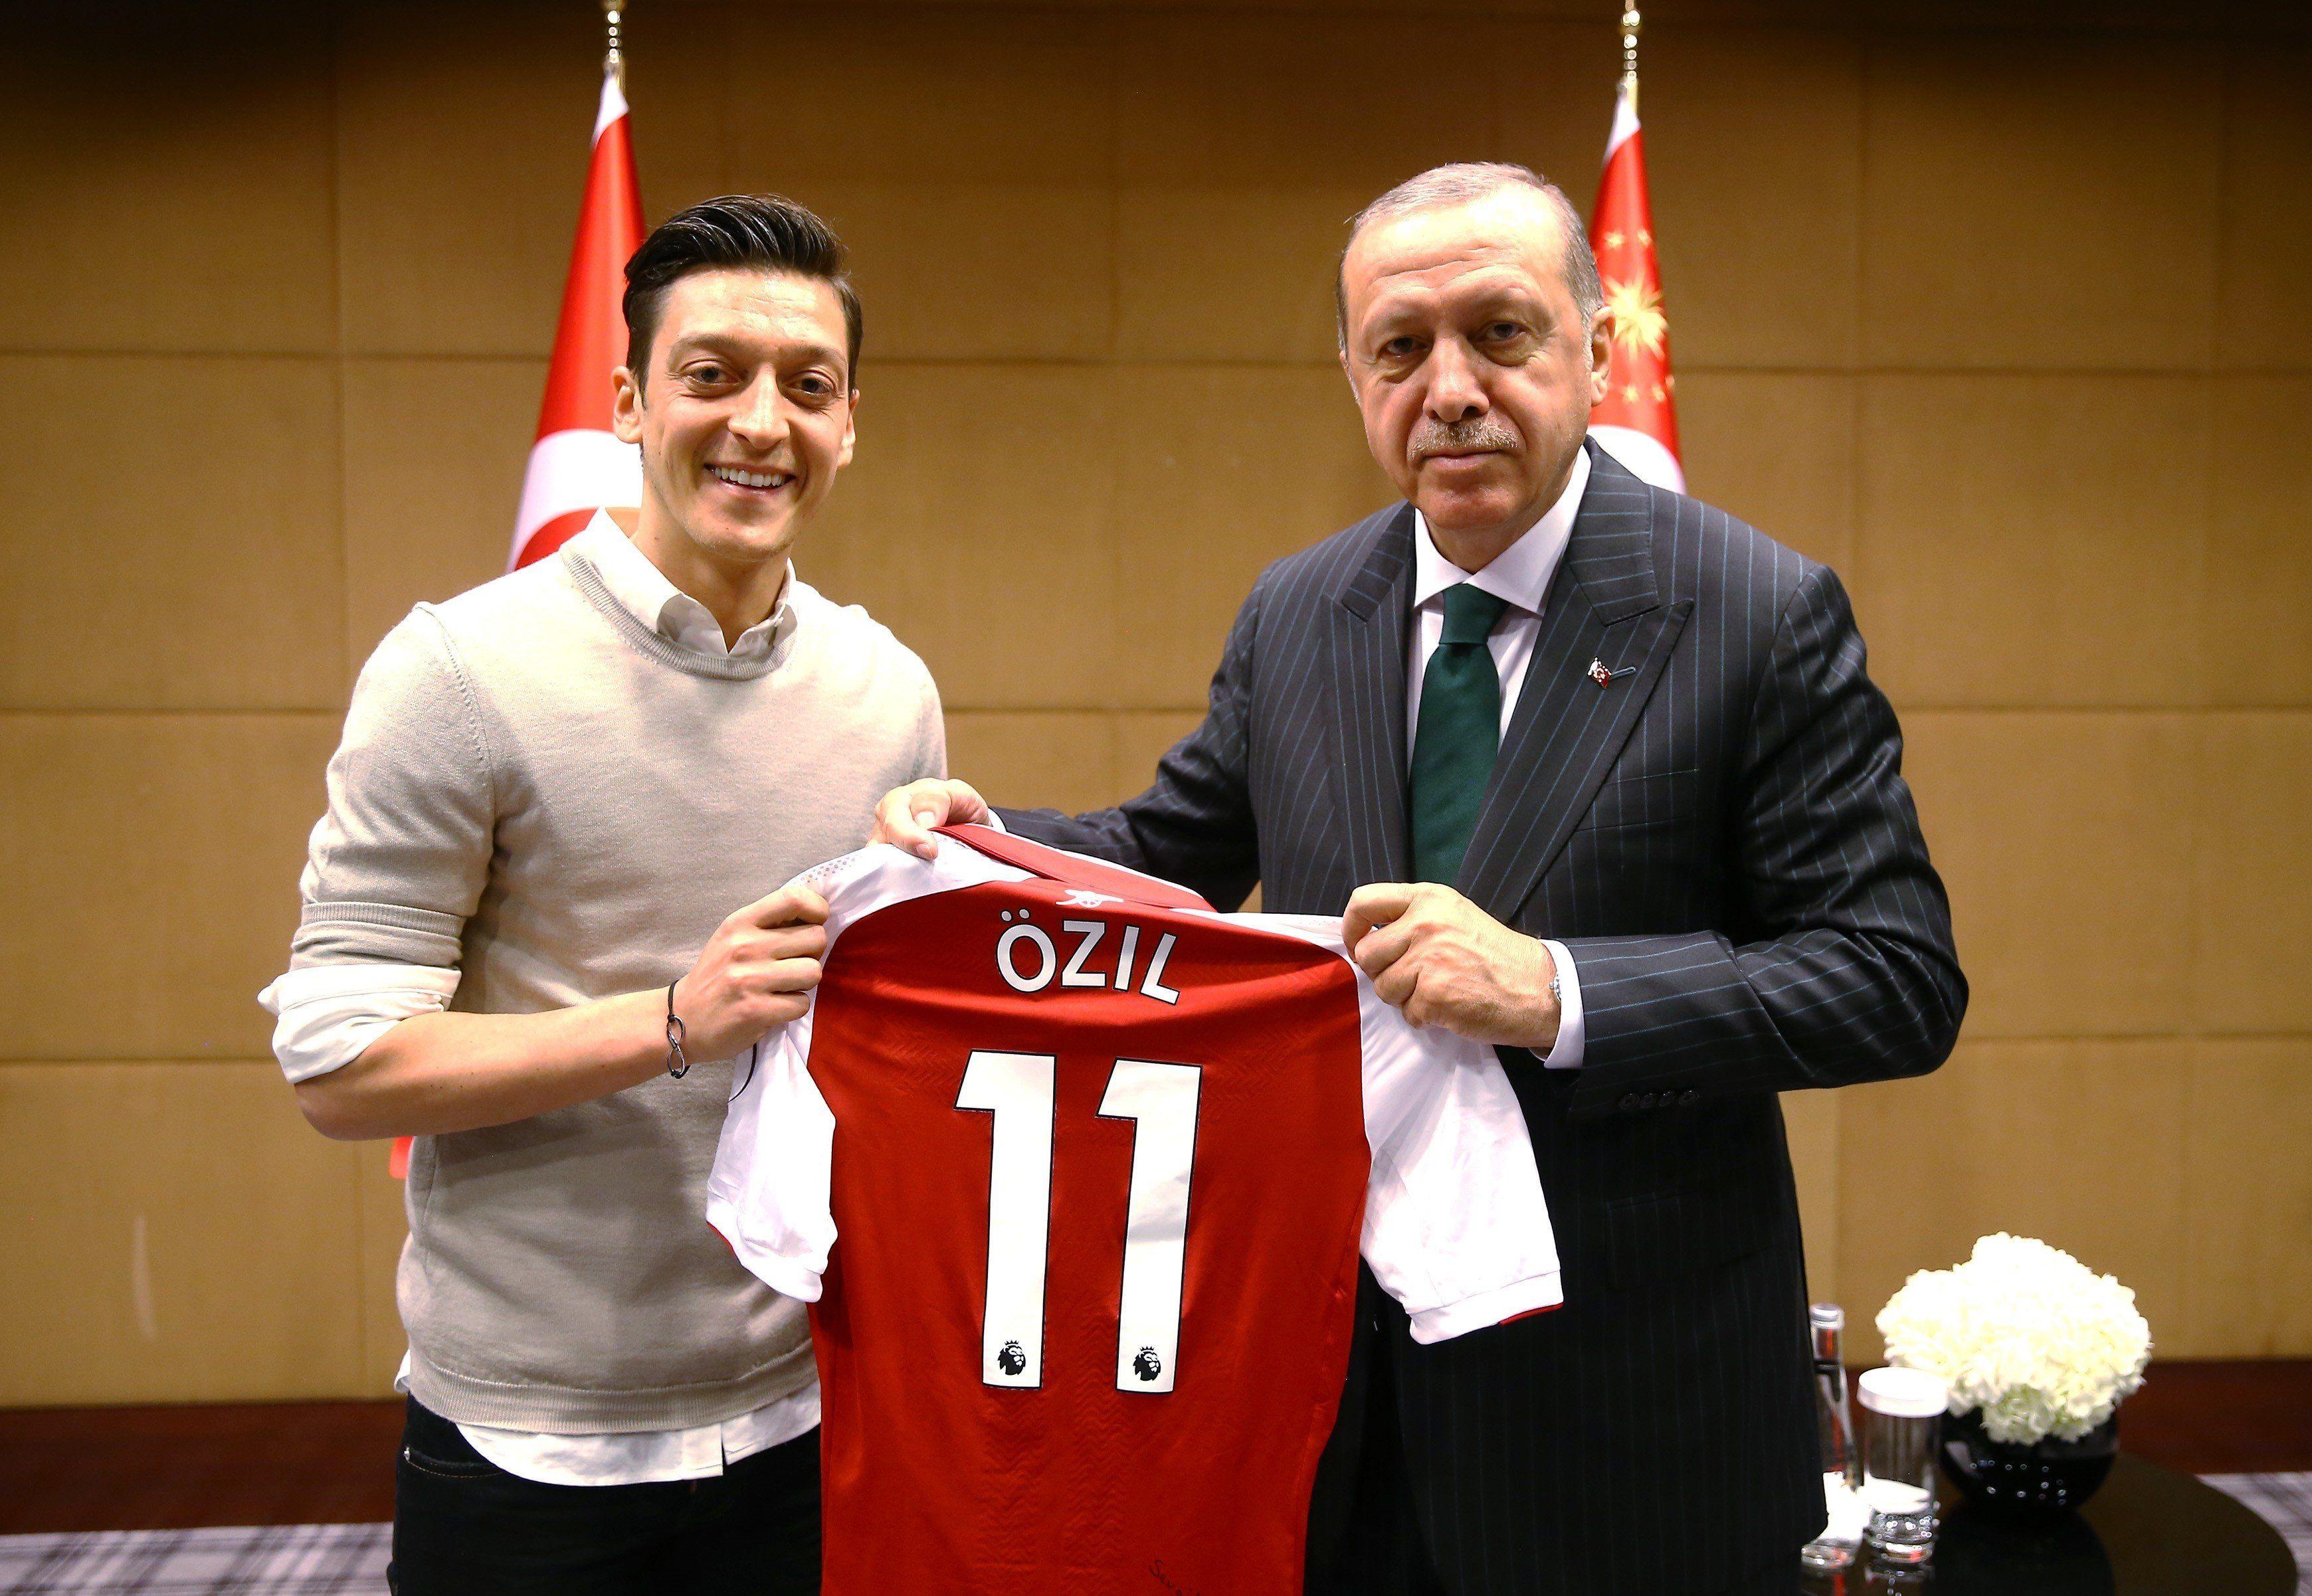 Wegen Erdogan-Treffen: Kolumnist Martenstein beschimpft Özil und Gündogan als